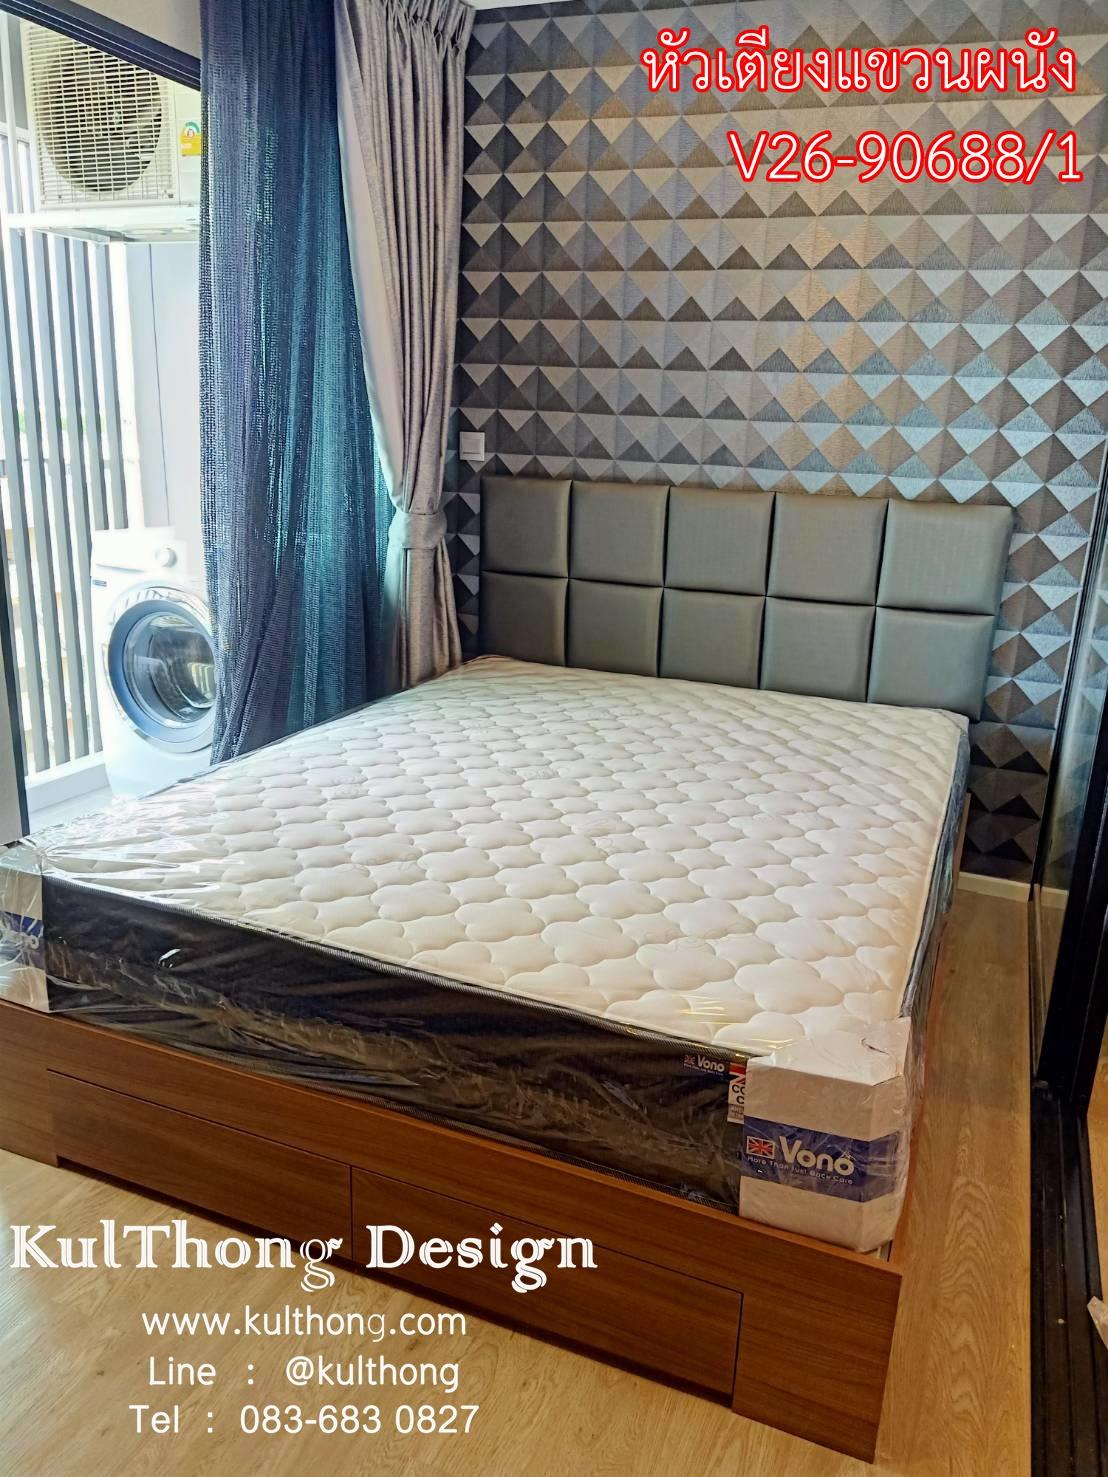 หัวเตียงอย่างเดียว หัวเตียงแขวนผนัง แผ่นหัวเตียง